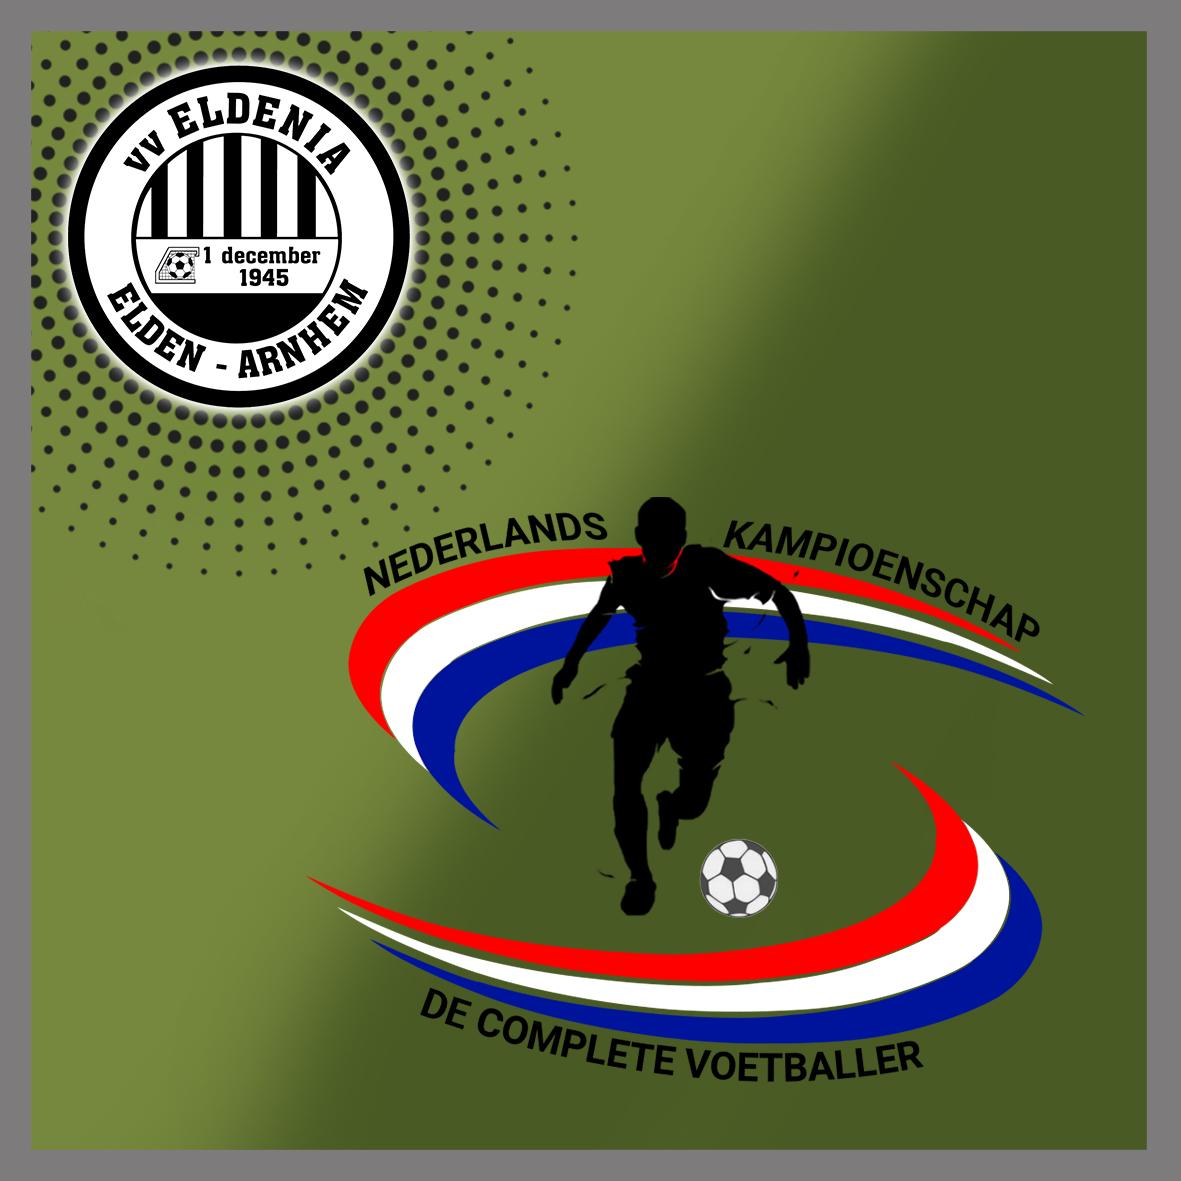 NK De complete voetballer